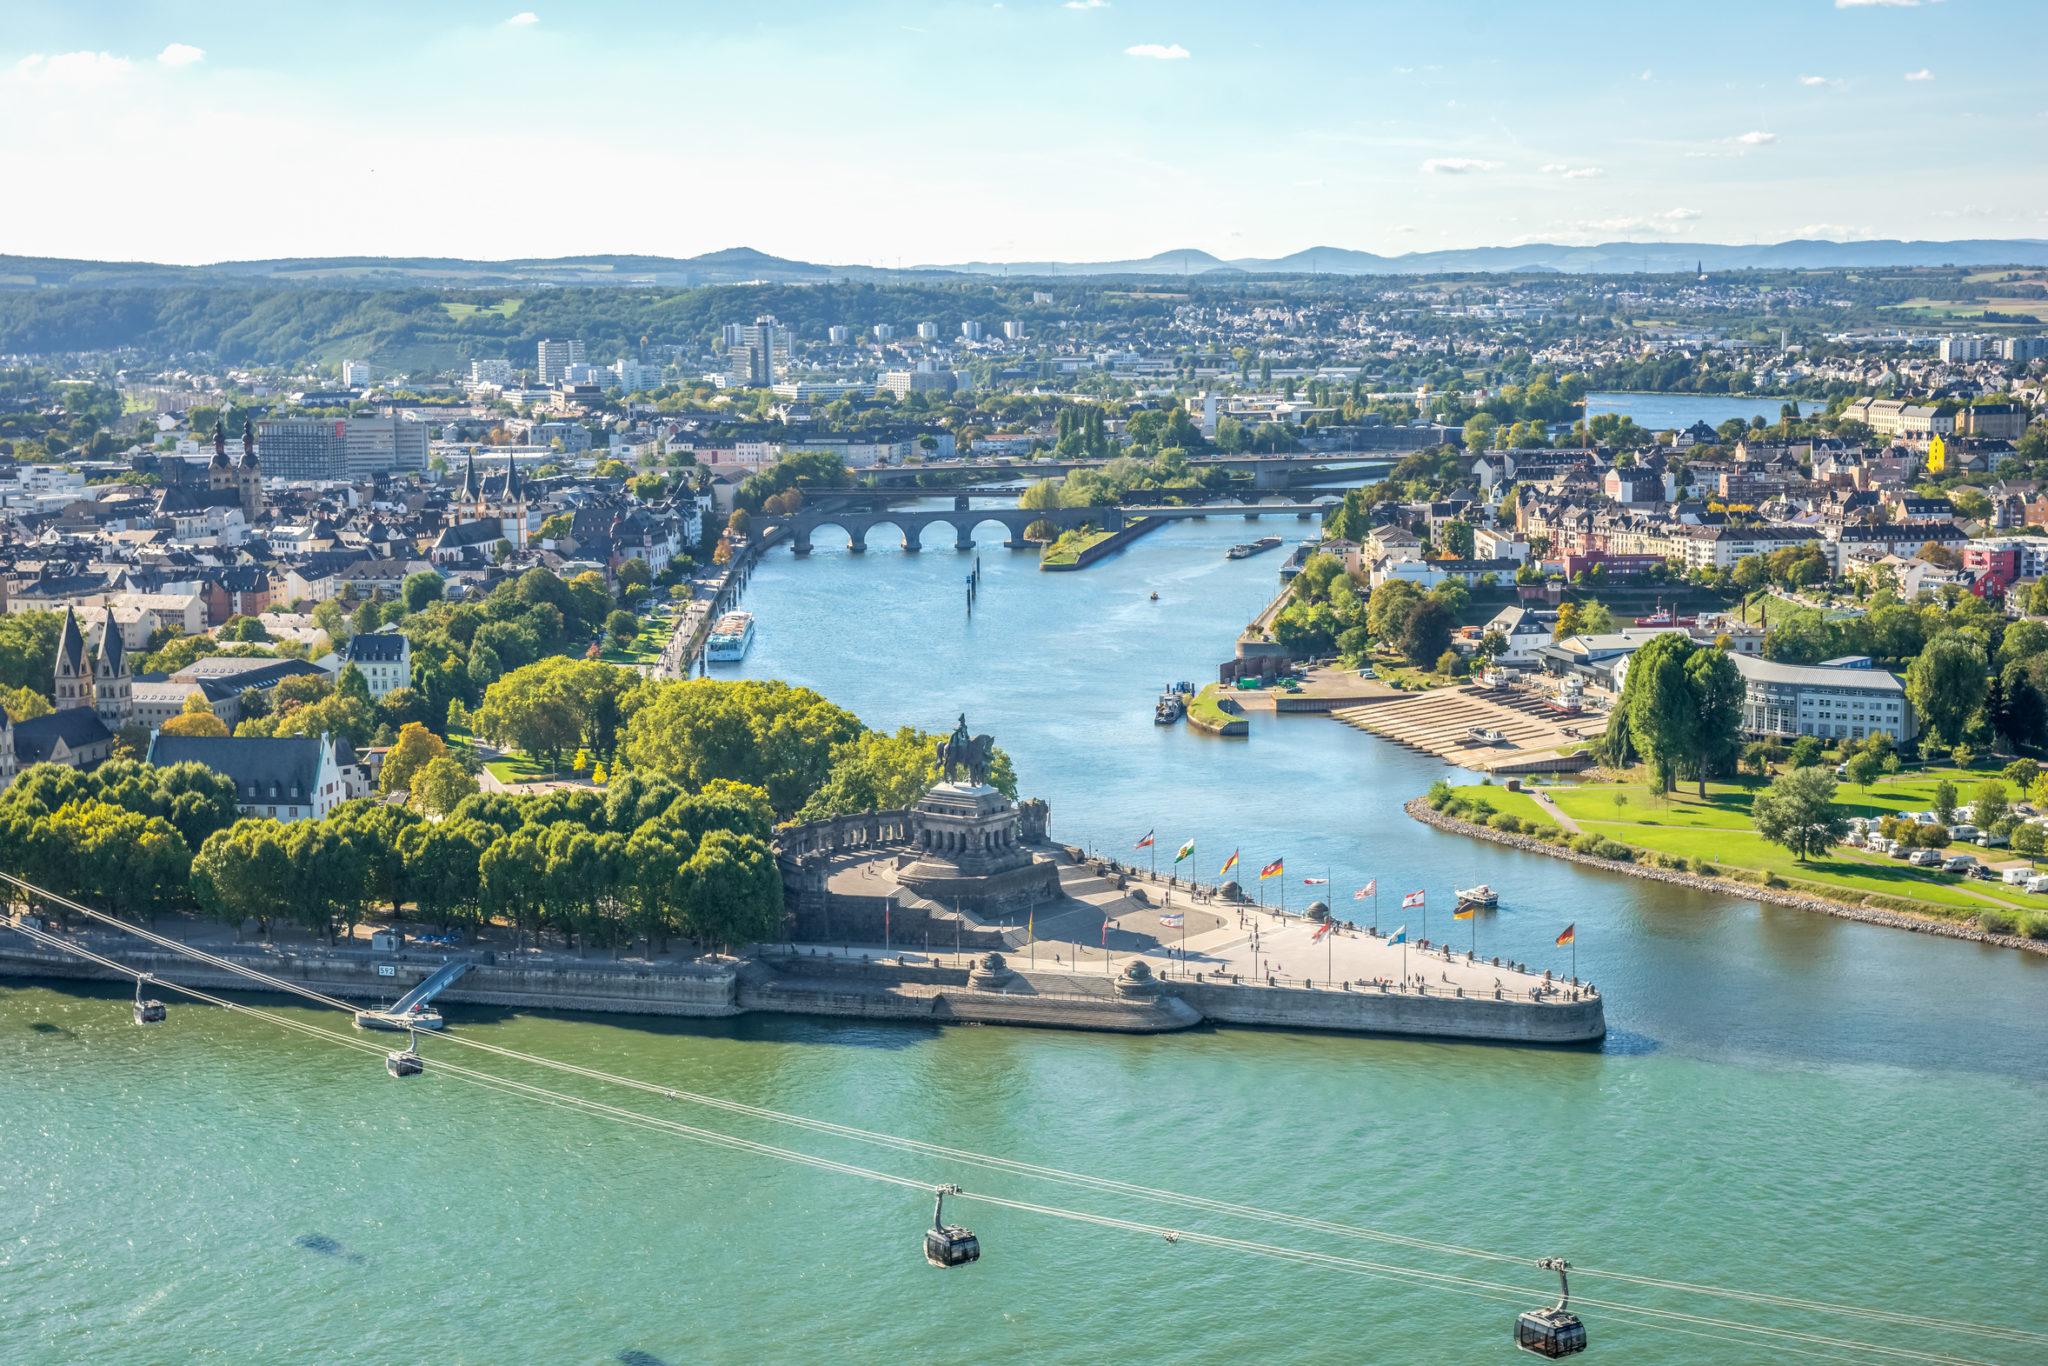 Haushaltsauflösung und Entrümpelung in Koblenz